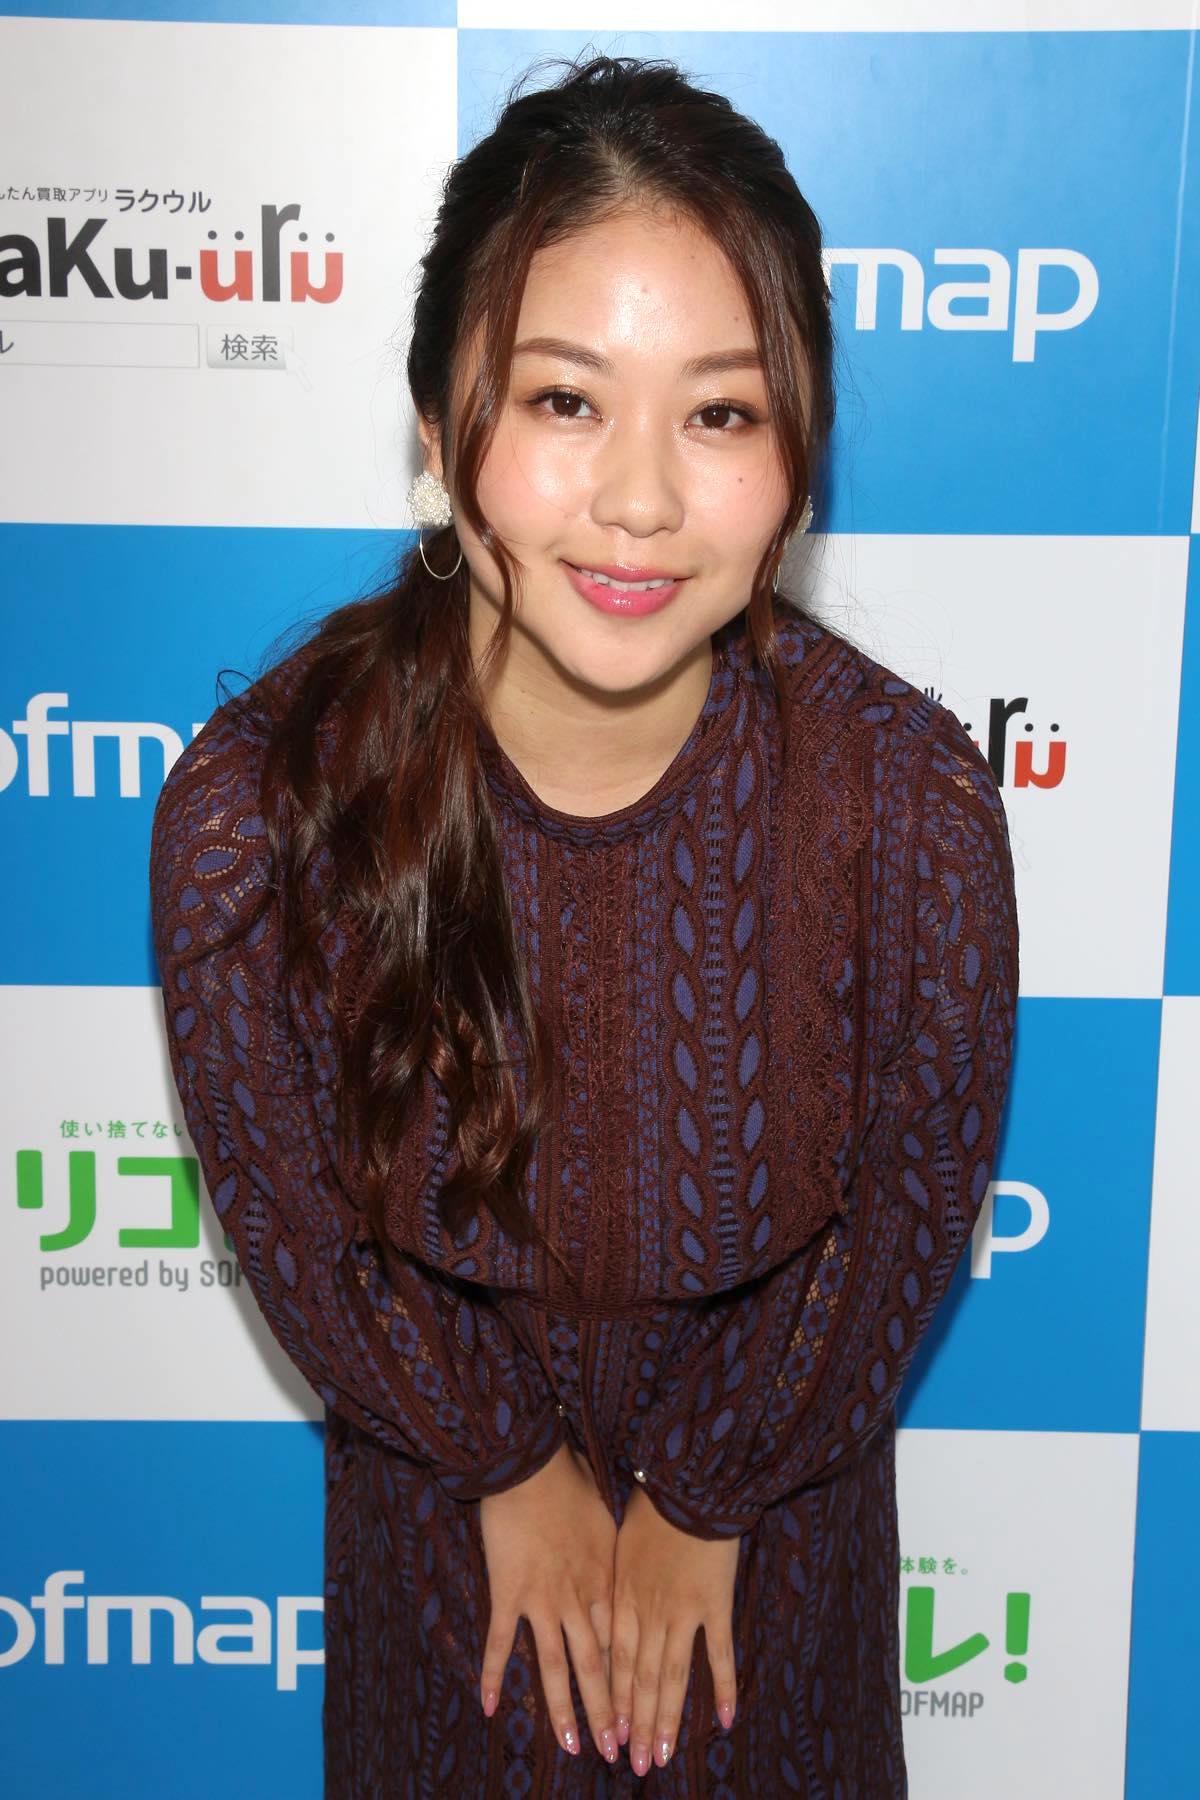 西田麻衣「きわどい水着が多かった」44枚目のDVDでも攻めまくり!【写真37枚】の画像021